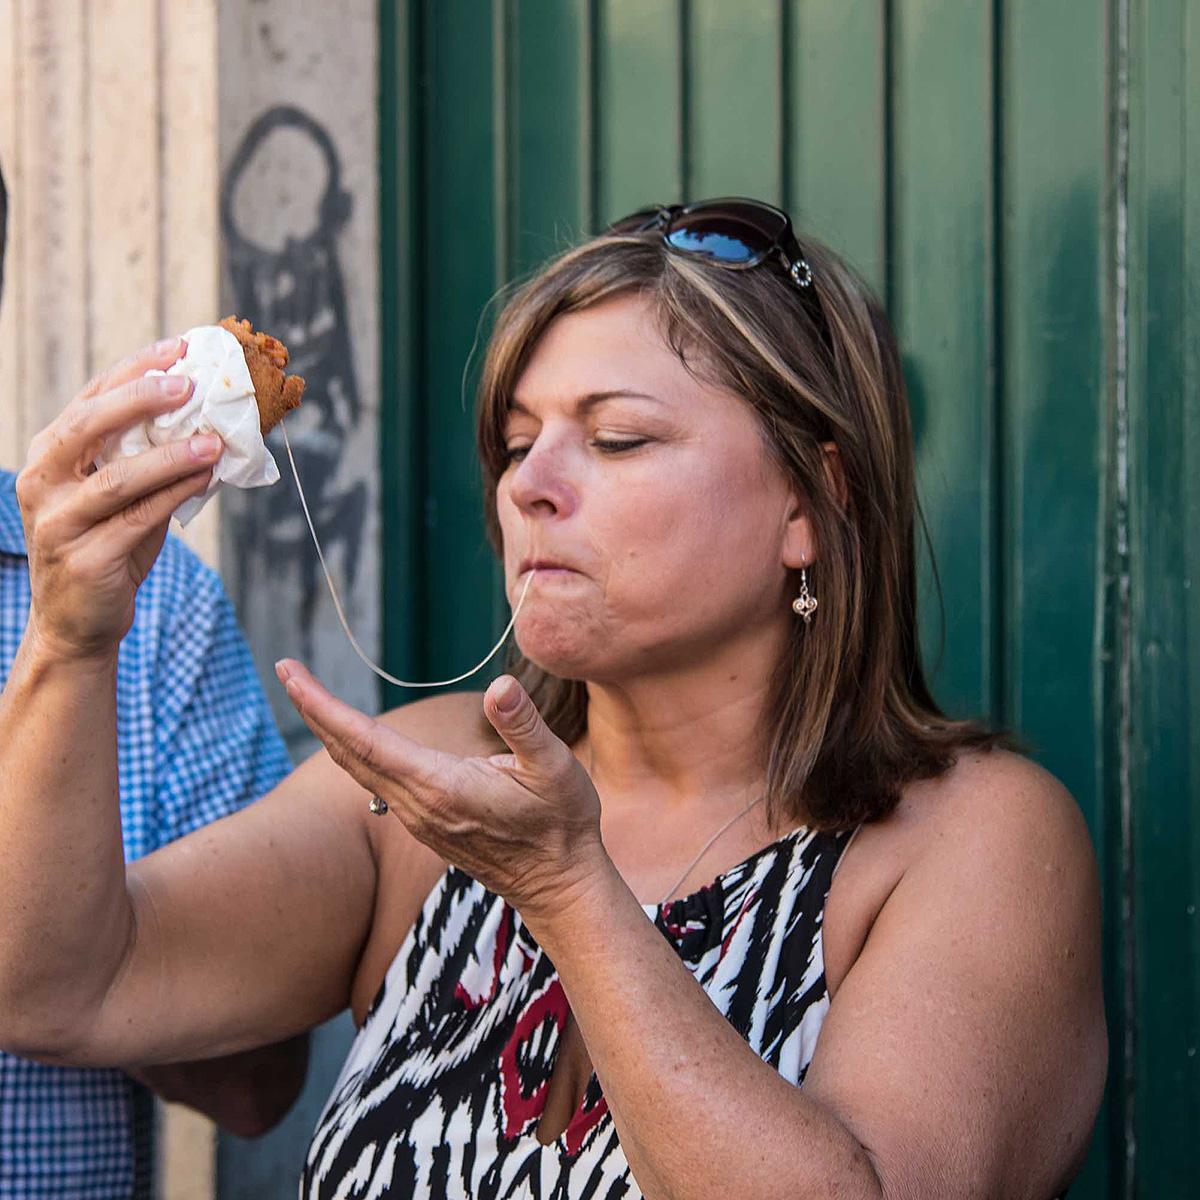 Manger dans la rue comme à New York sauf que là c'est bon